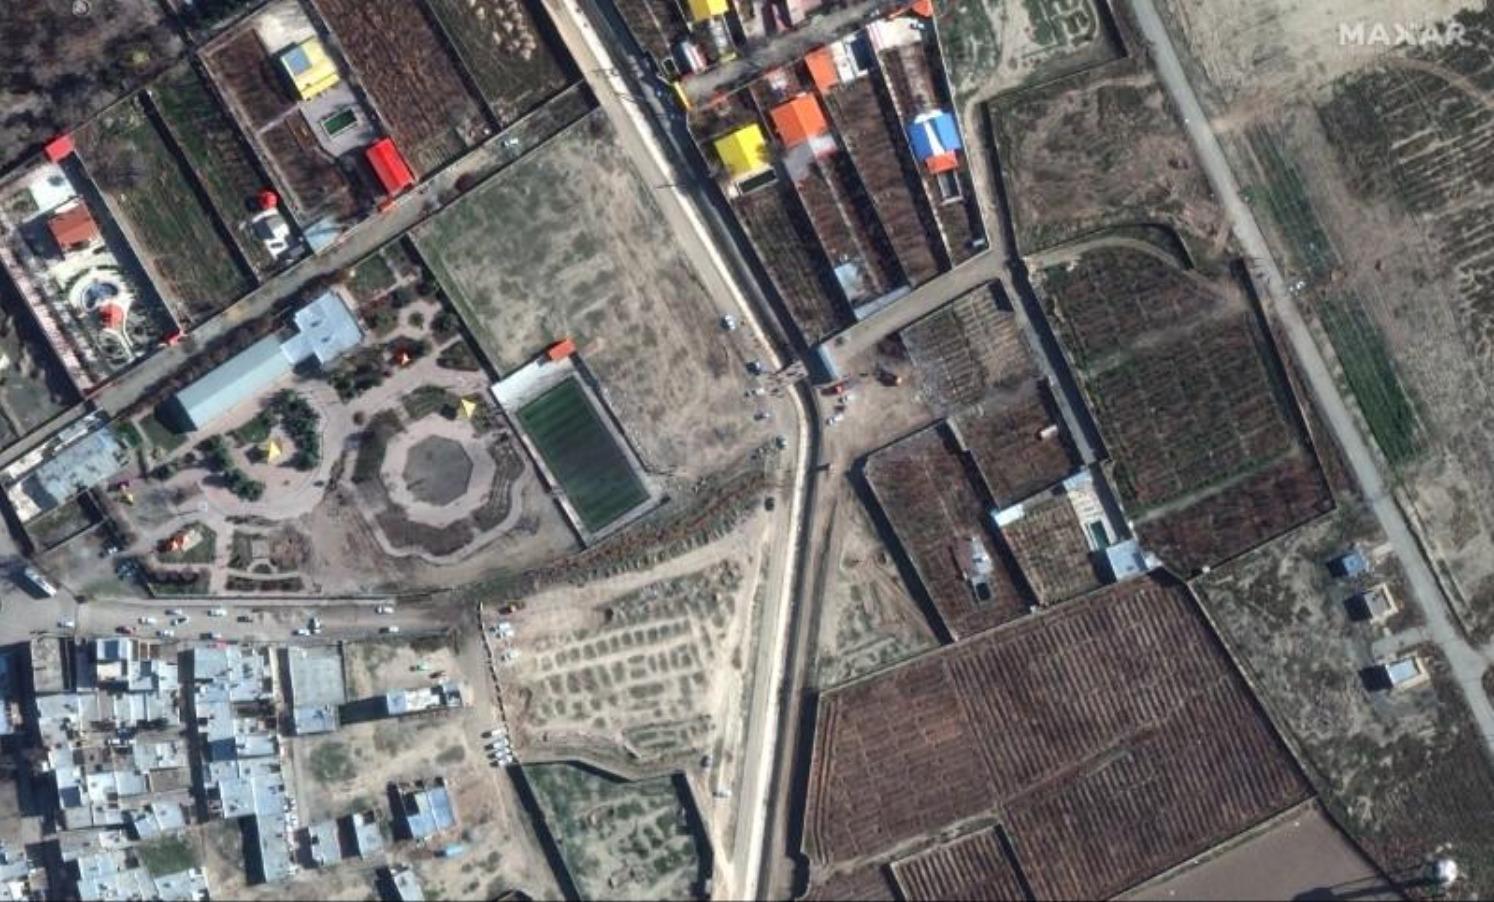 فيديو جديد يظهر إصابة الطائرة الأوكرانية بصاروخين إيرانيين